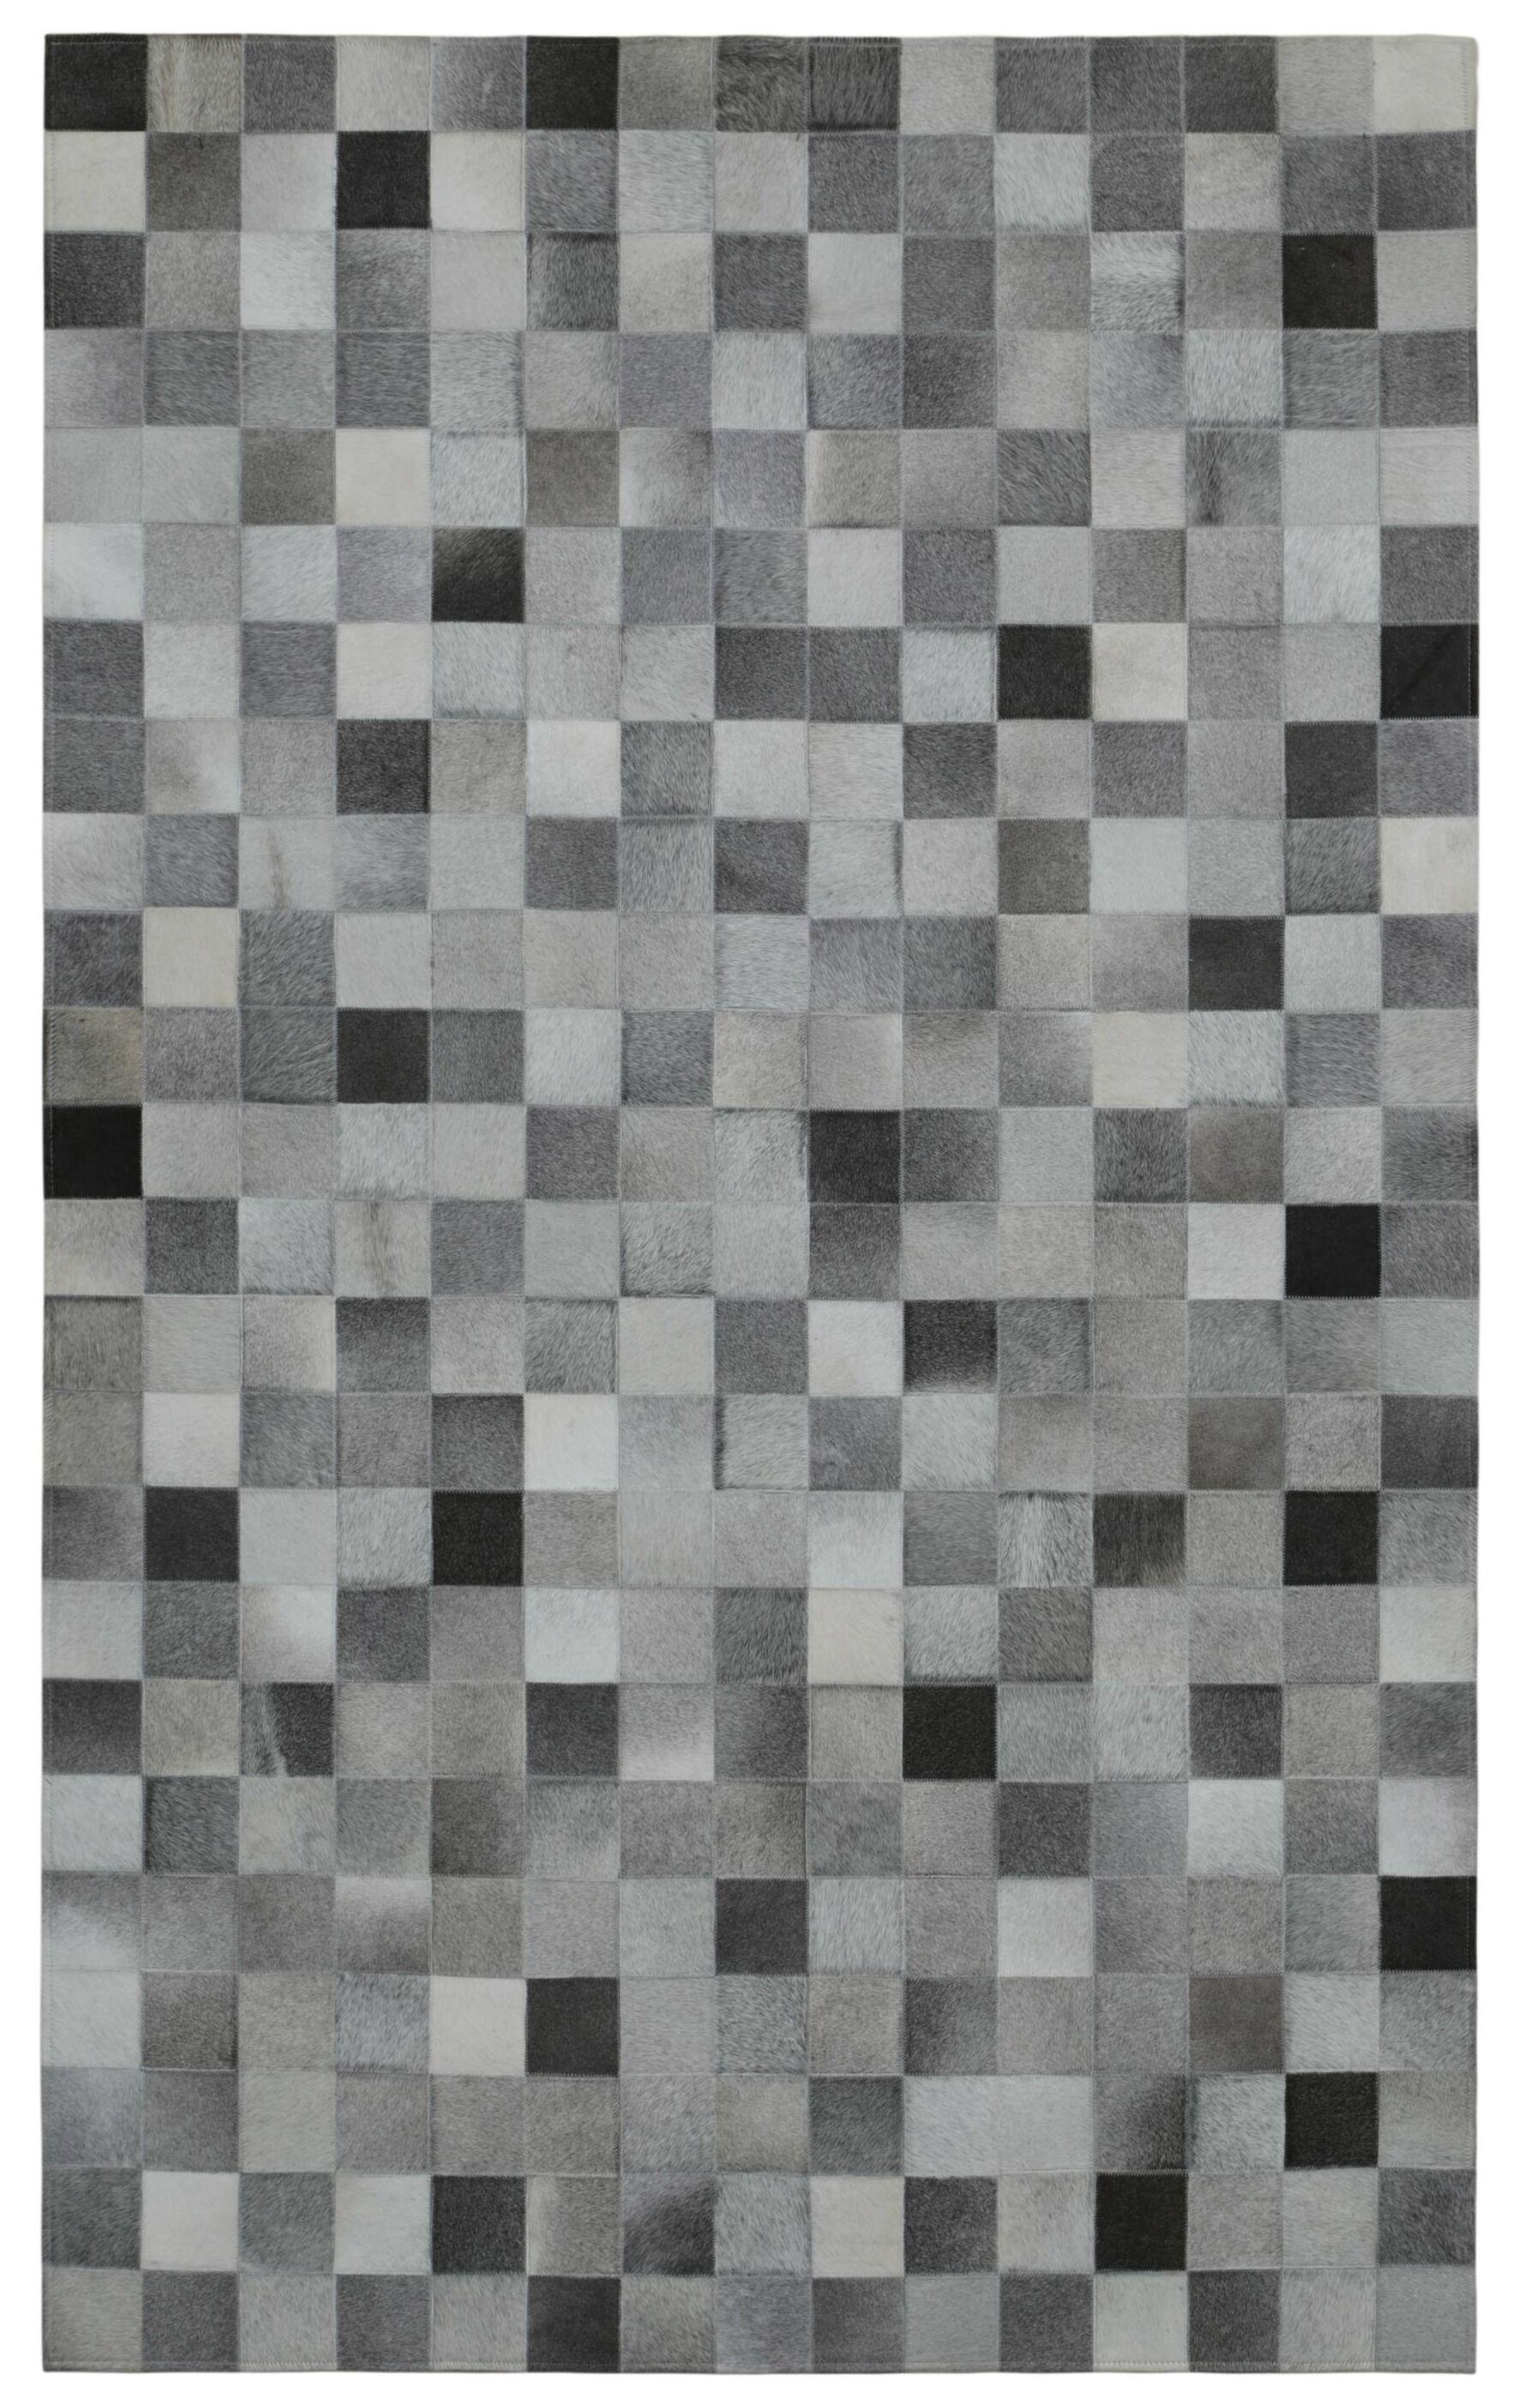 Matador Hand-Woven Gray/Black Area Rug Rug Size: 8' x 10'